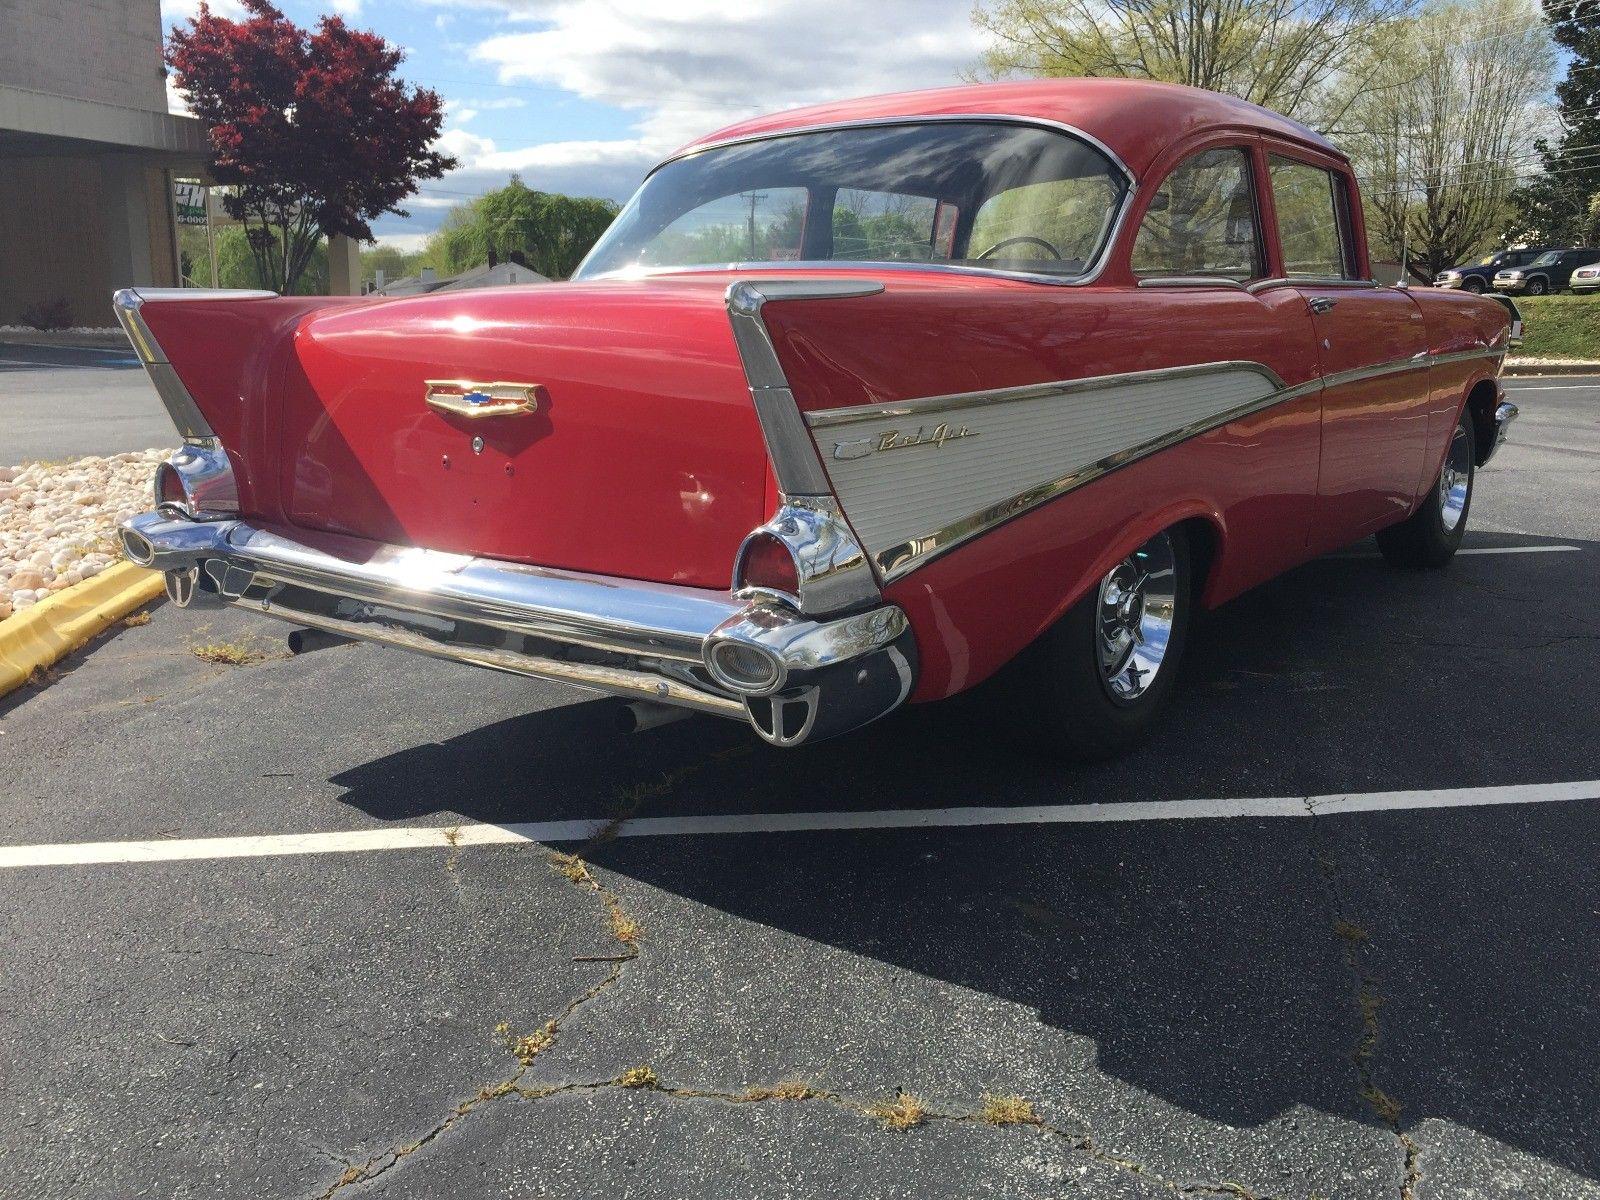 Amazing 1957 Chevrolet Bel Air 150 210 Chevy 2 Door Two Sedan Item Specifics